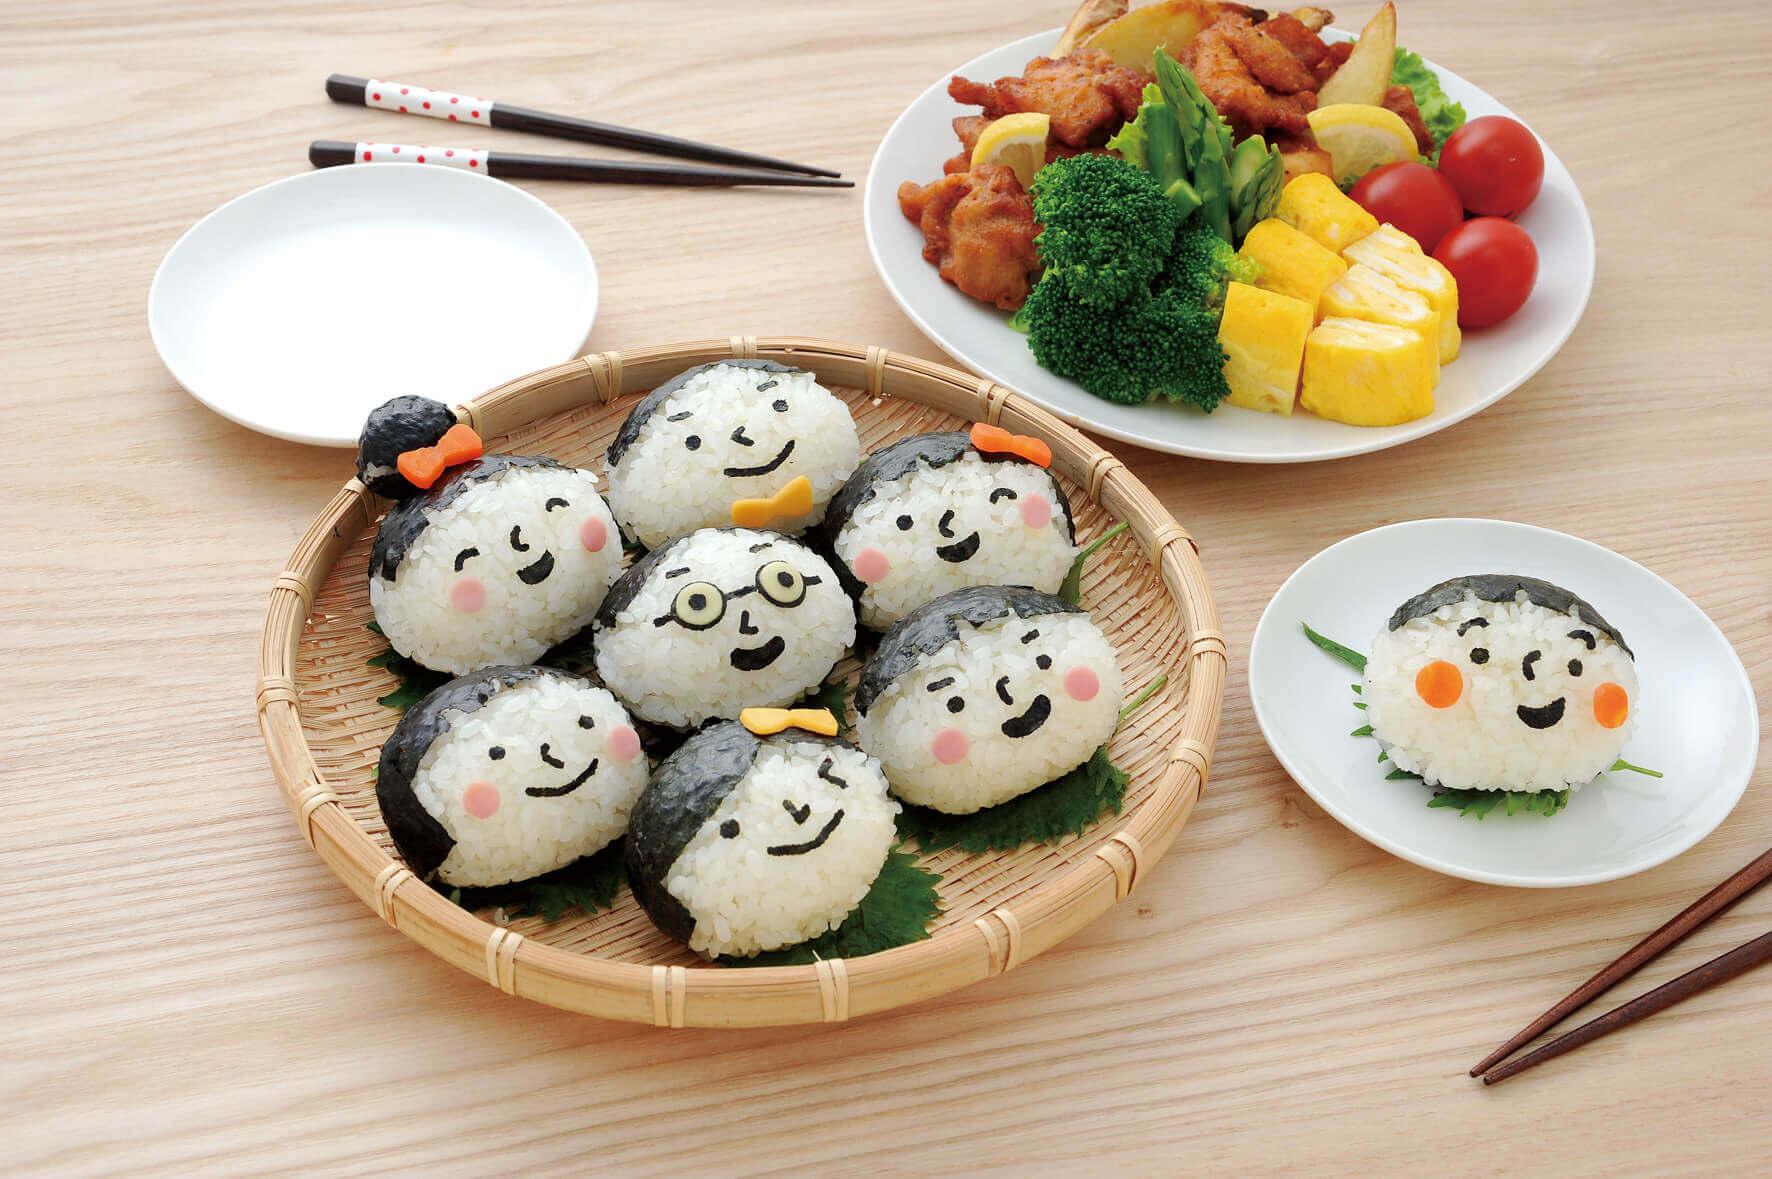 Những món ăn sinh động, bắt mắt sẽ kích thích trẻ ăn ngon miệng hơn